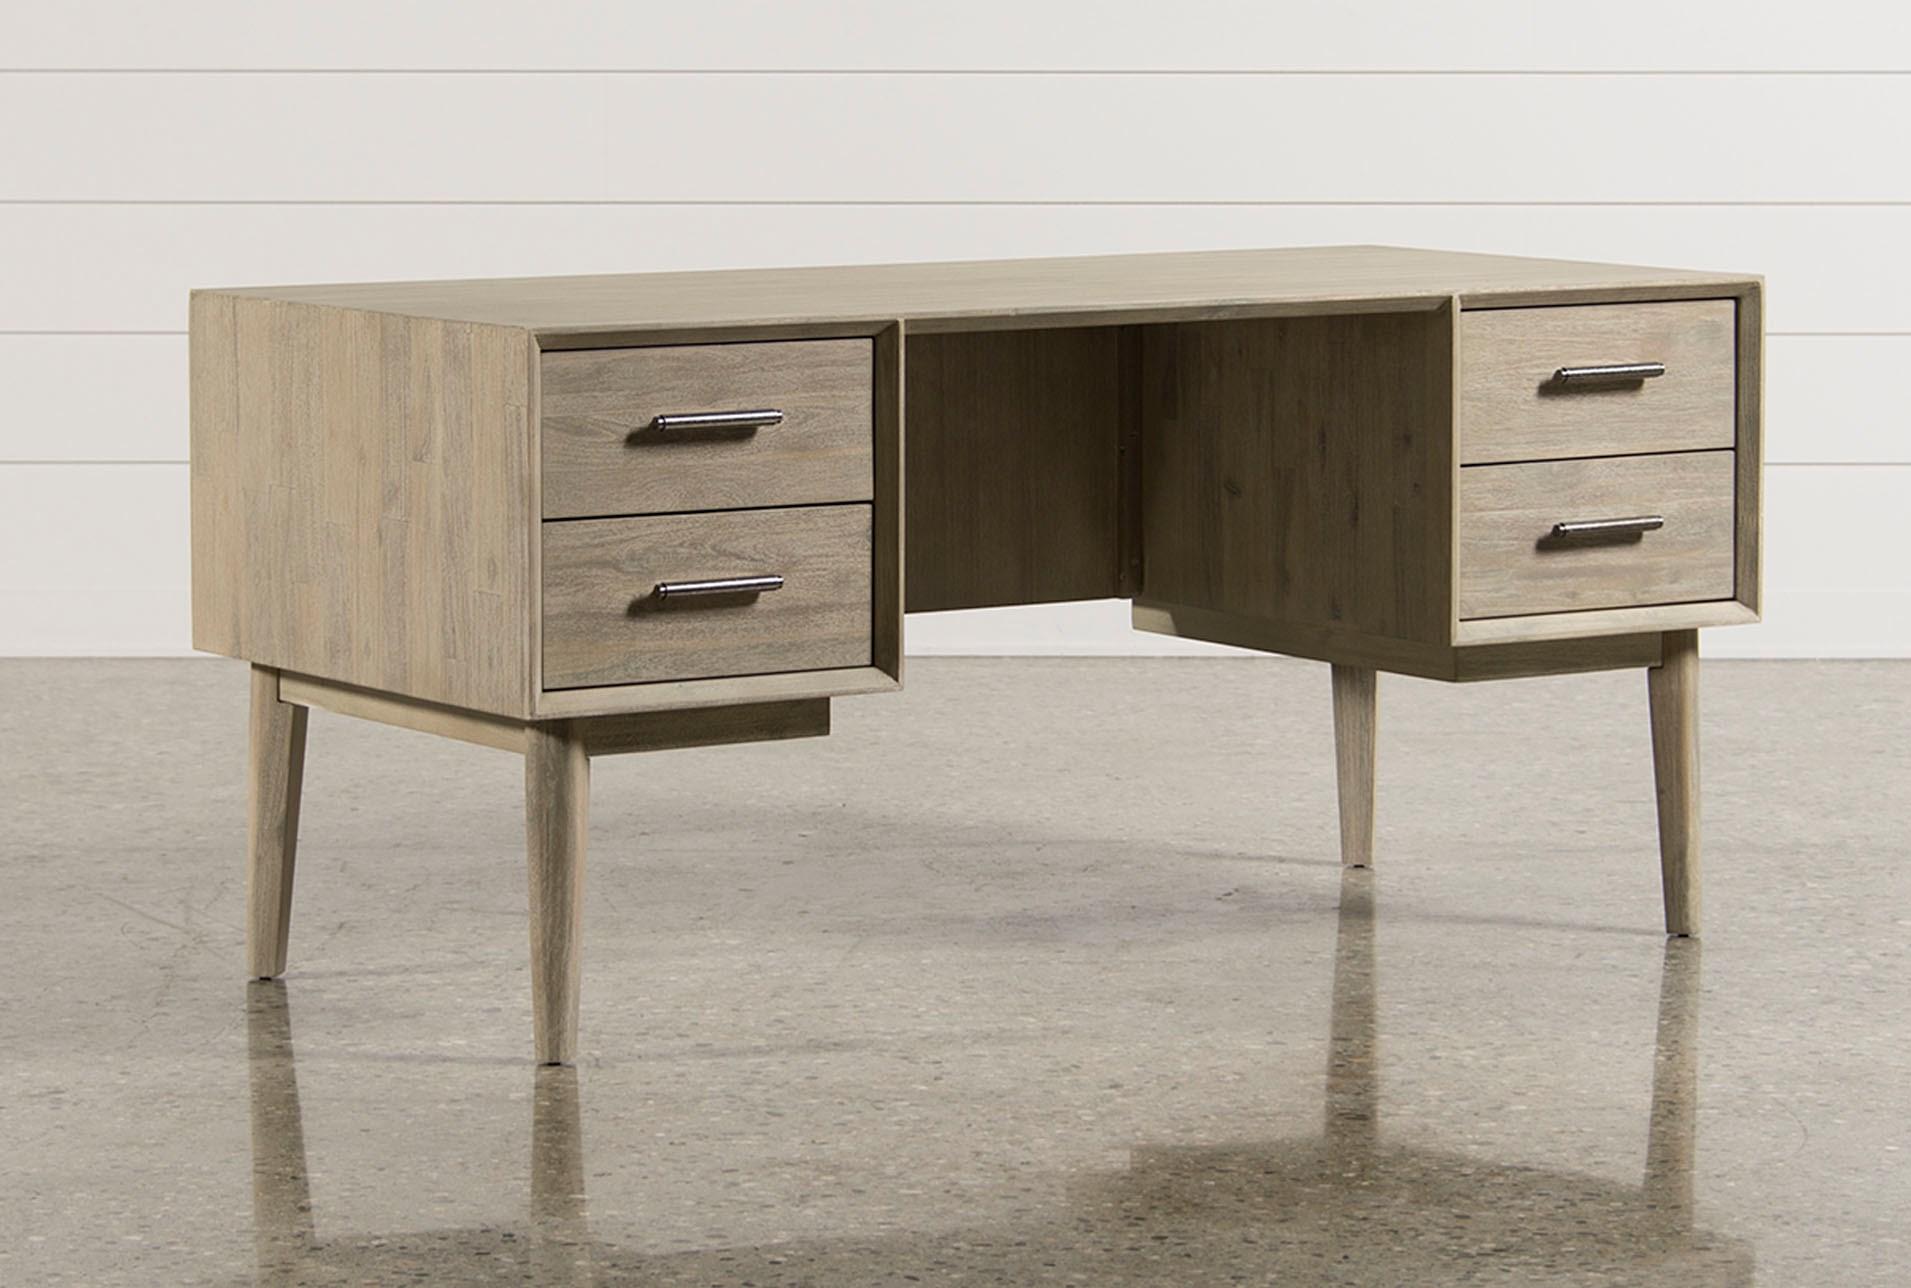 office home desks. Display Product Reviews For ALLEN DESK Office Home Desks